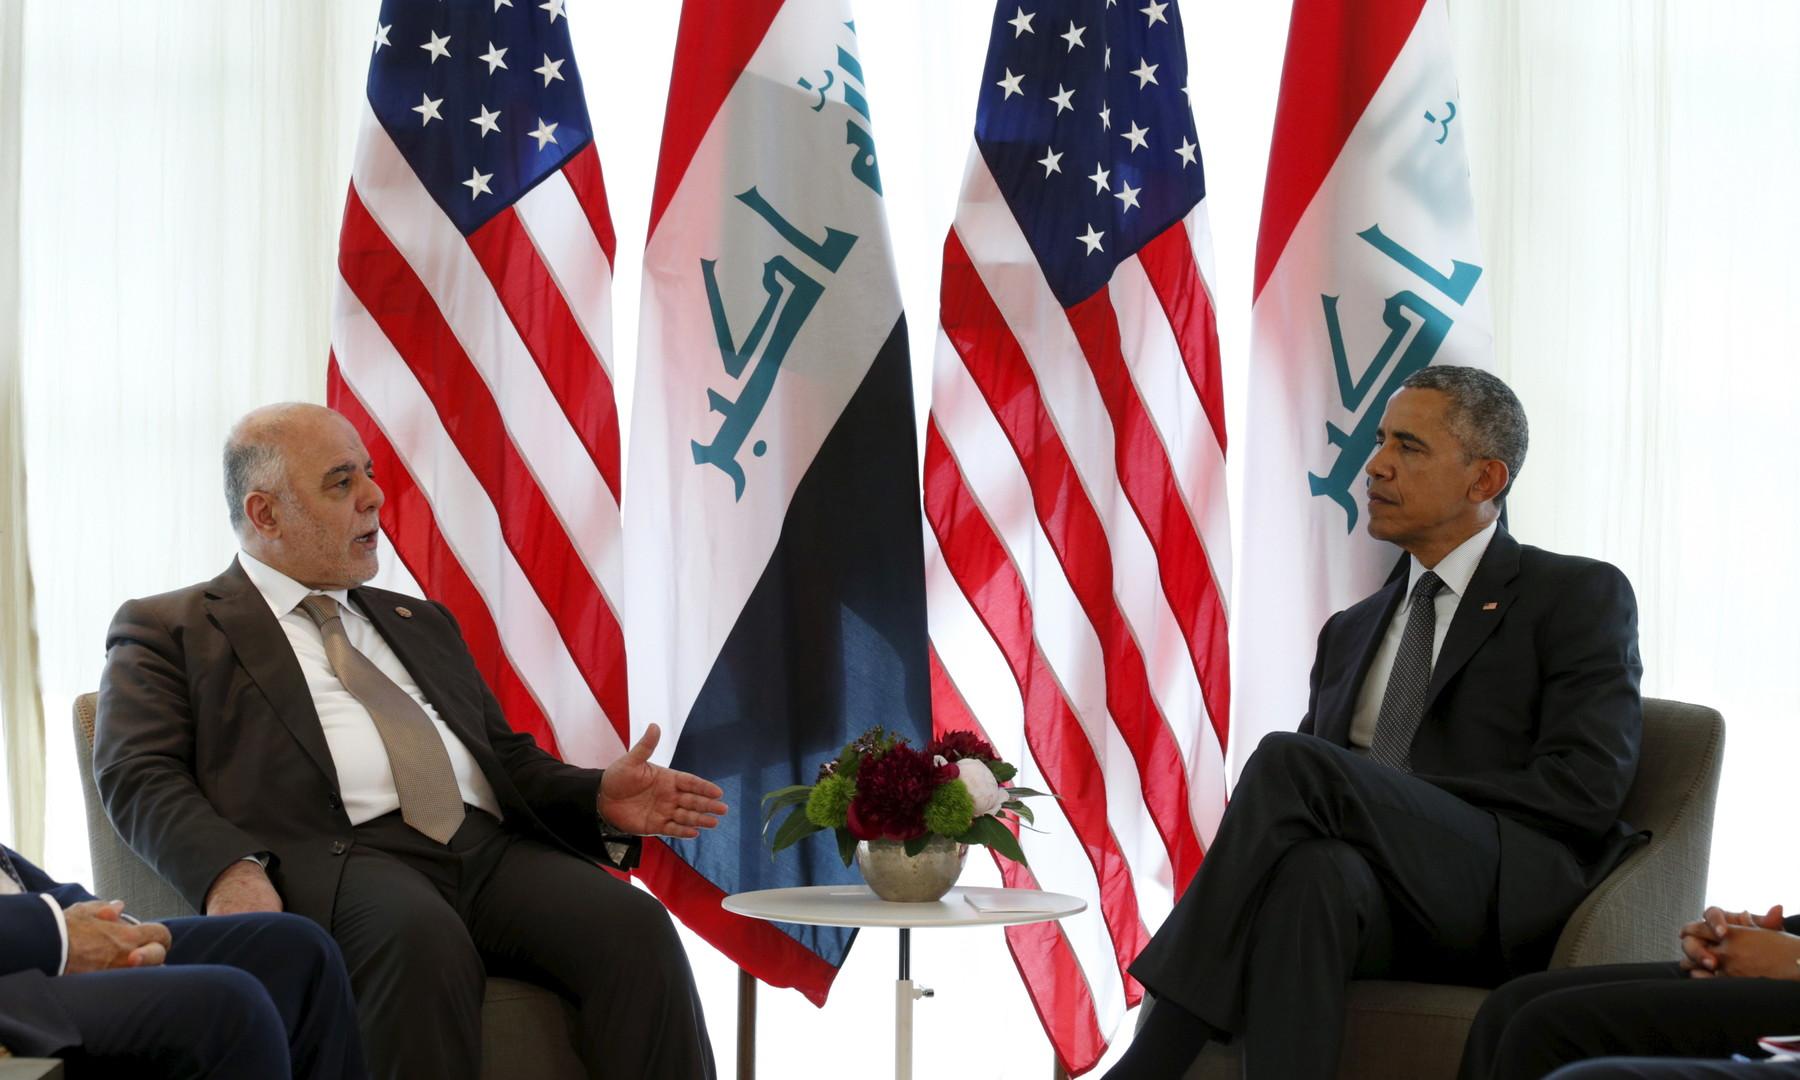 نصف الموصل هدية إلى دونالد ترامب